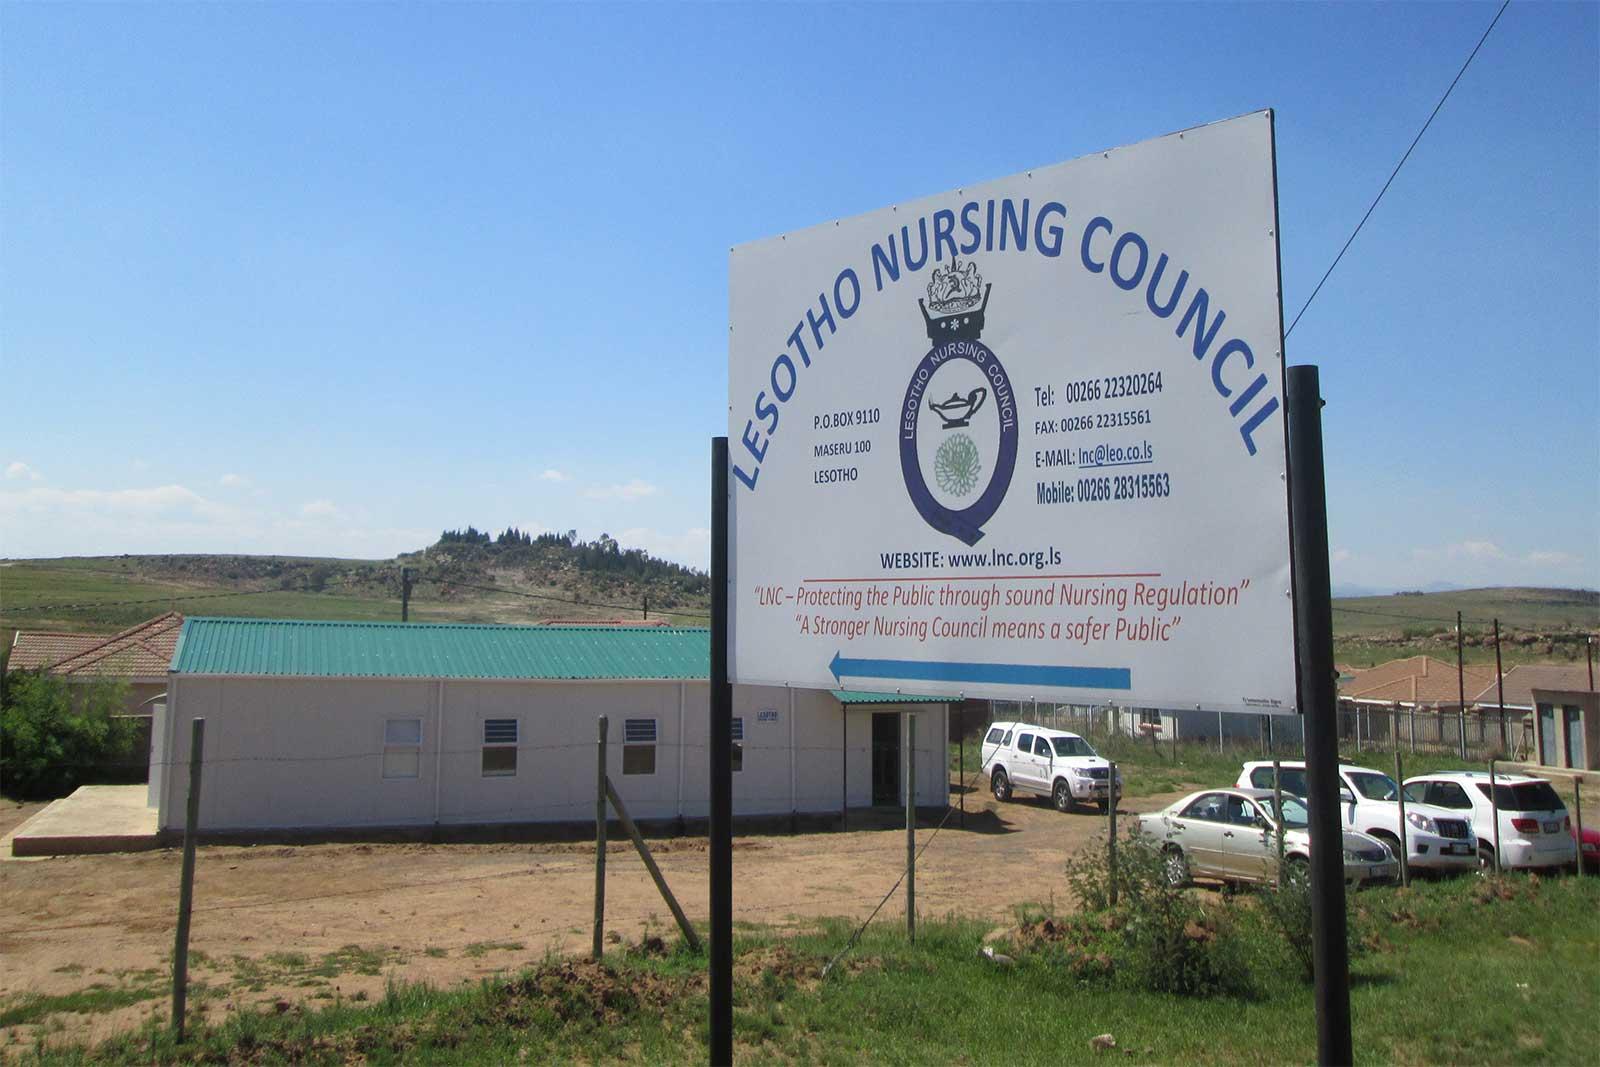 Lesotho nursing council